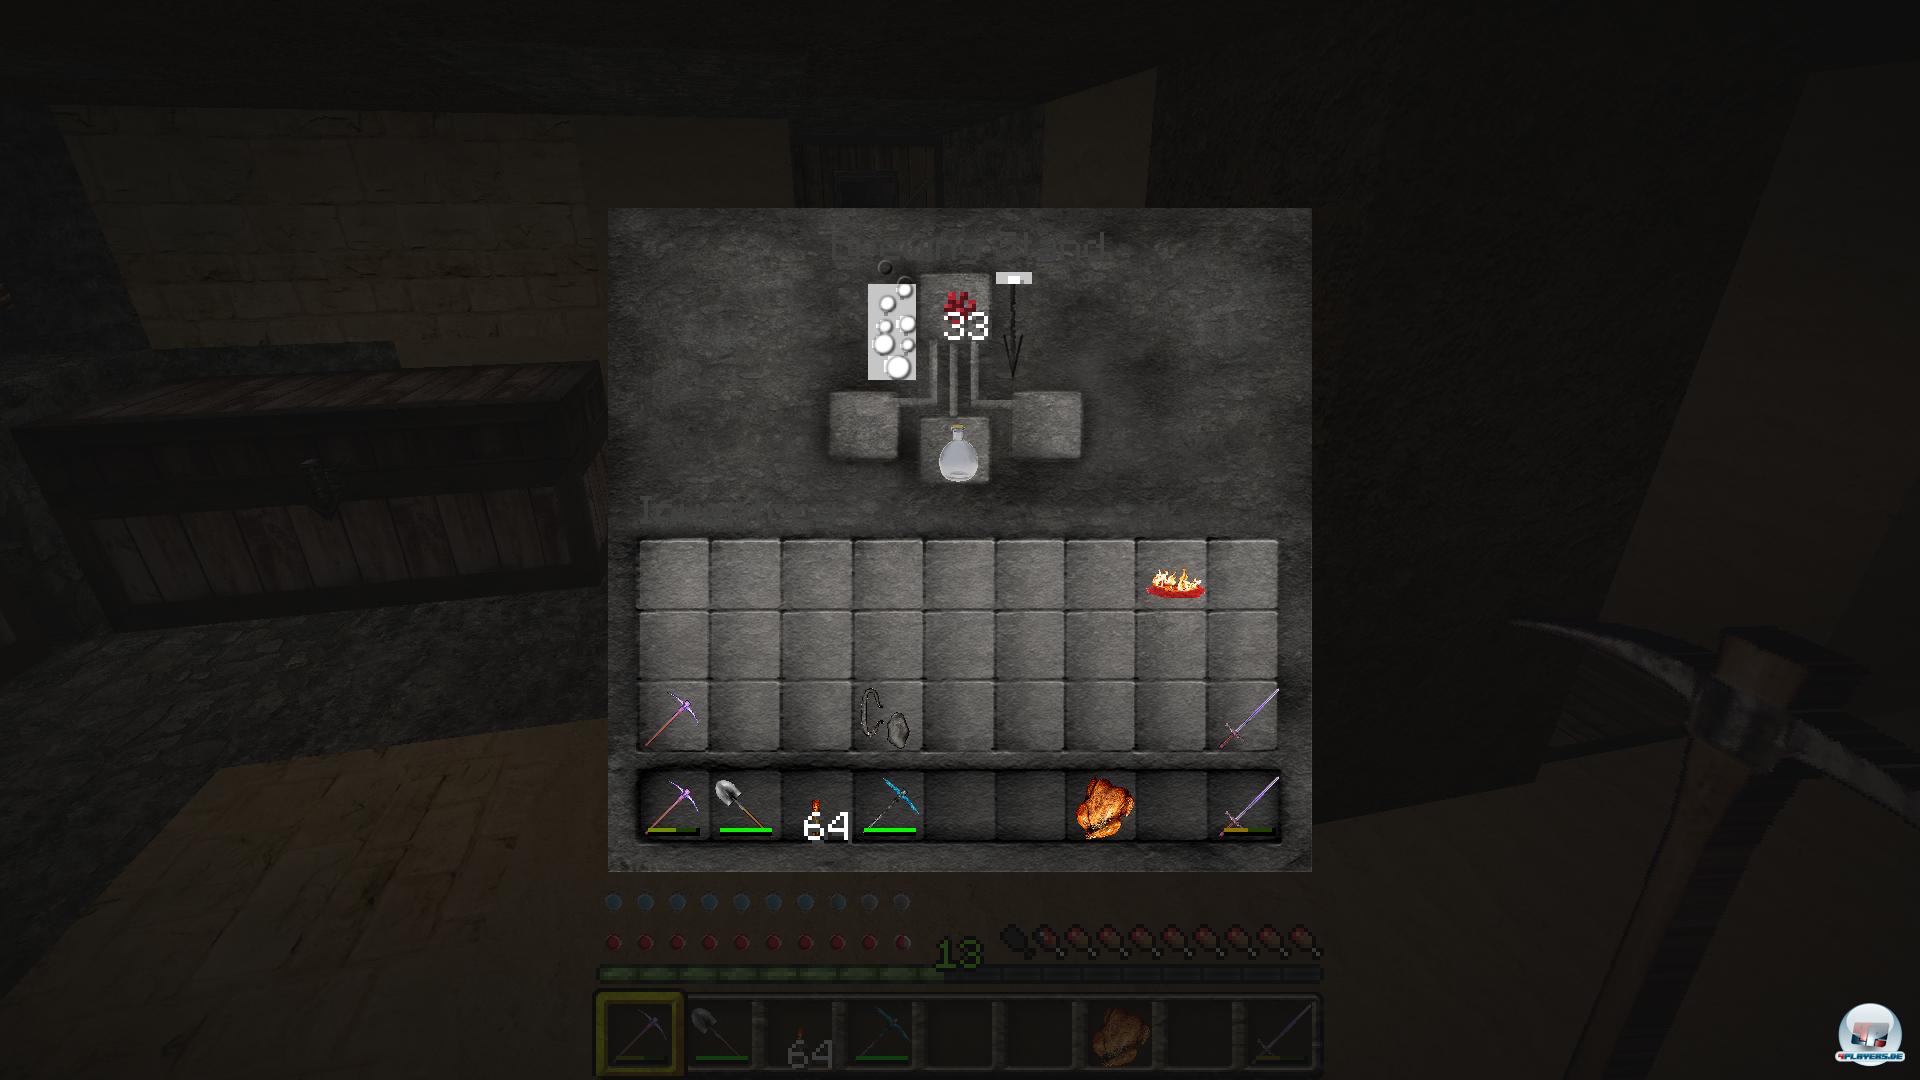 Ein wenig Nether-Warze (mhhh!), etwas Flammenstaub - fertig ist der Spinat des Minecrafters!